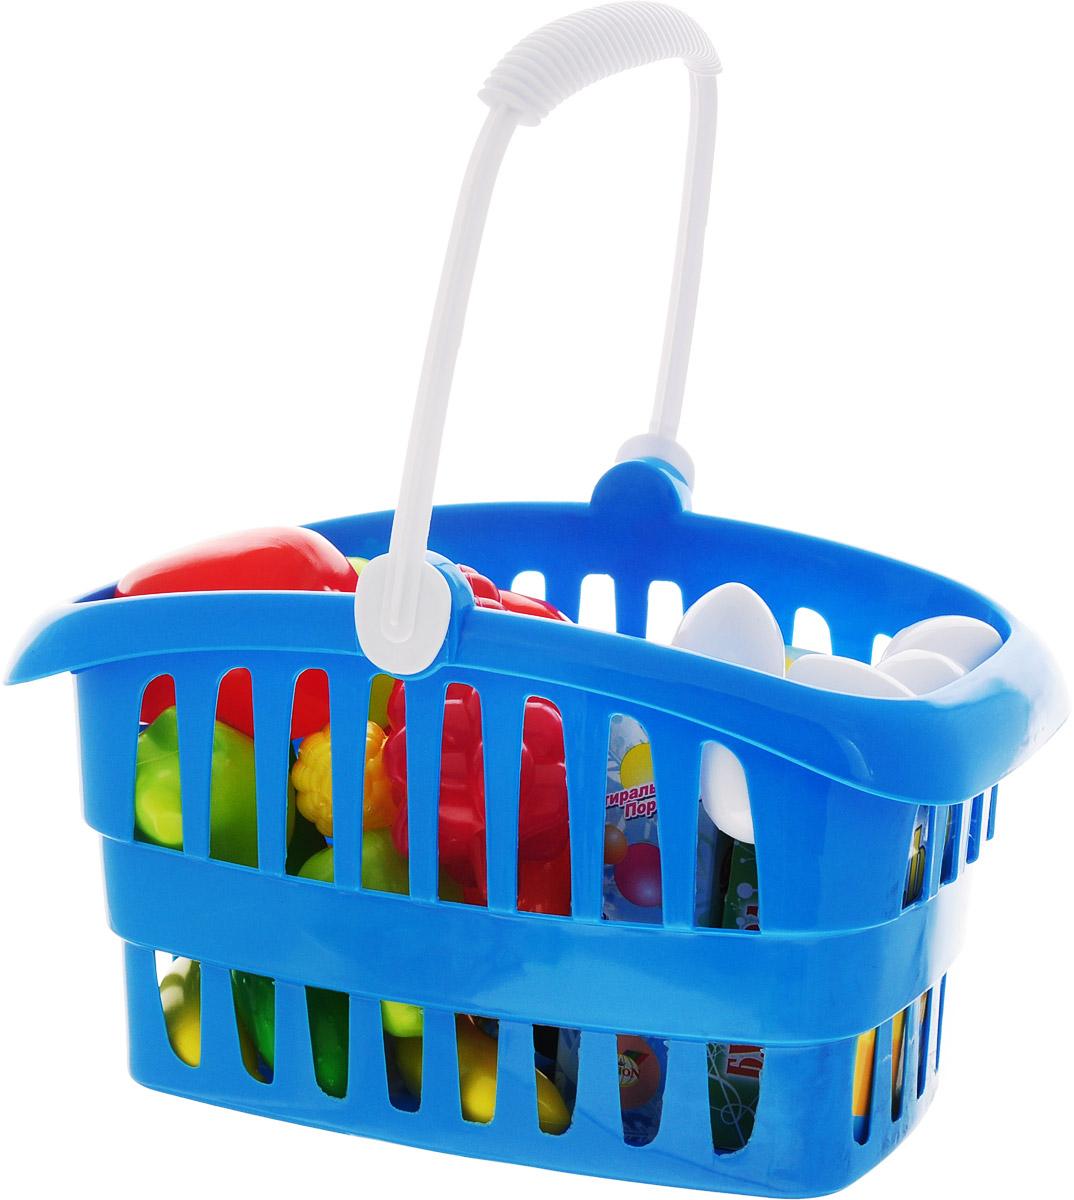 Орион Игрушечная корзина для супермаркета с продуктами цвет синий casdon корзина для покупок